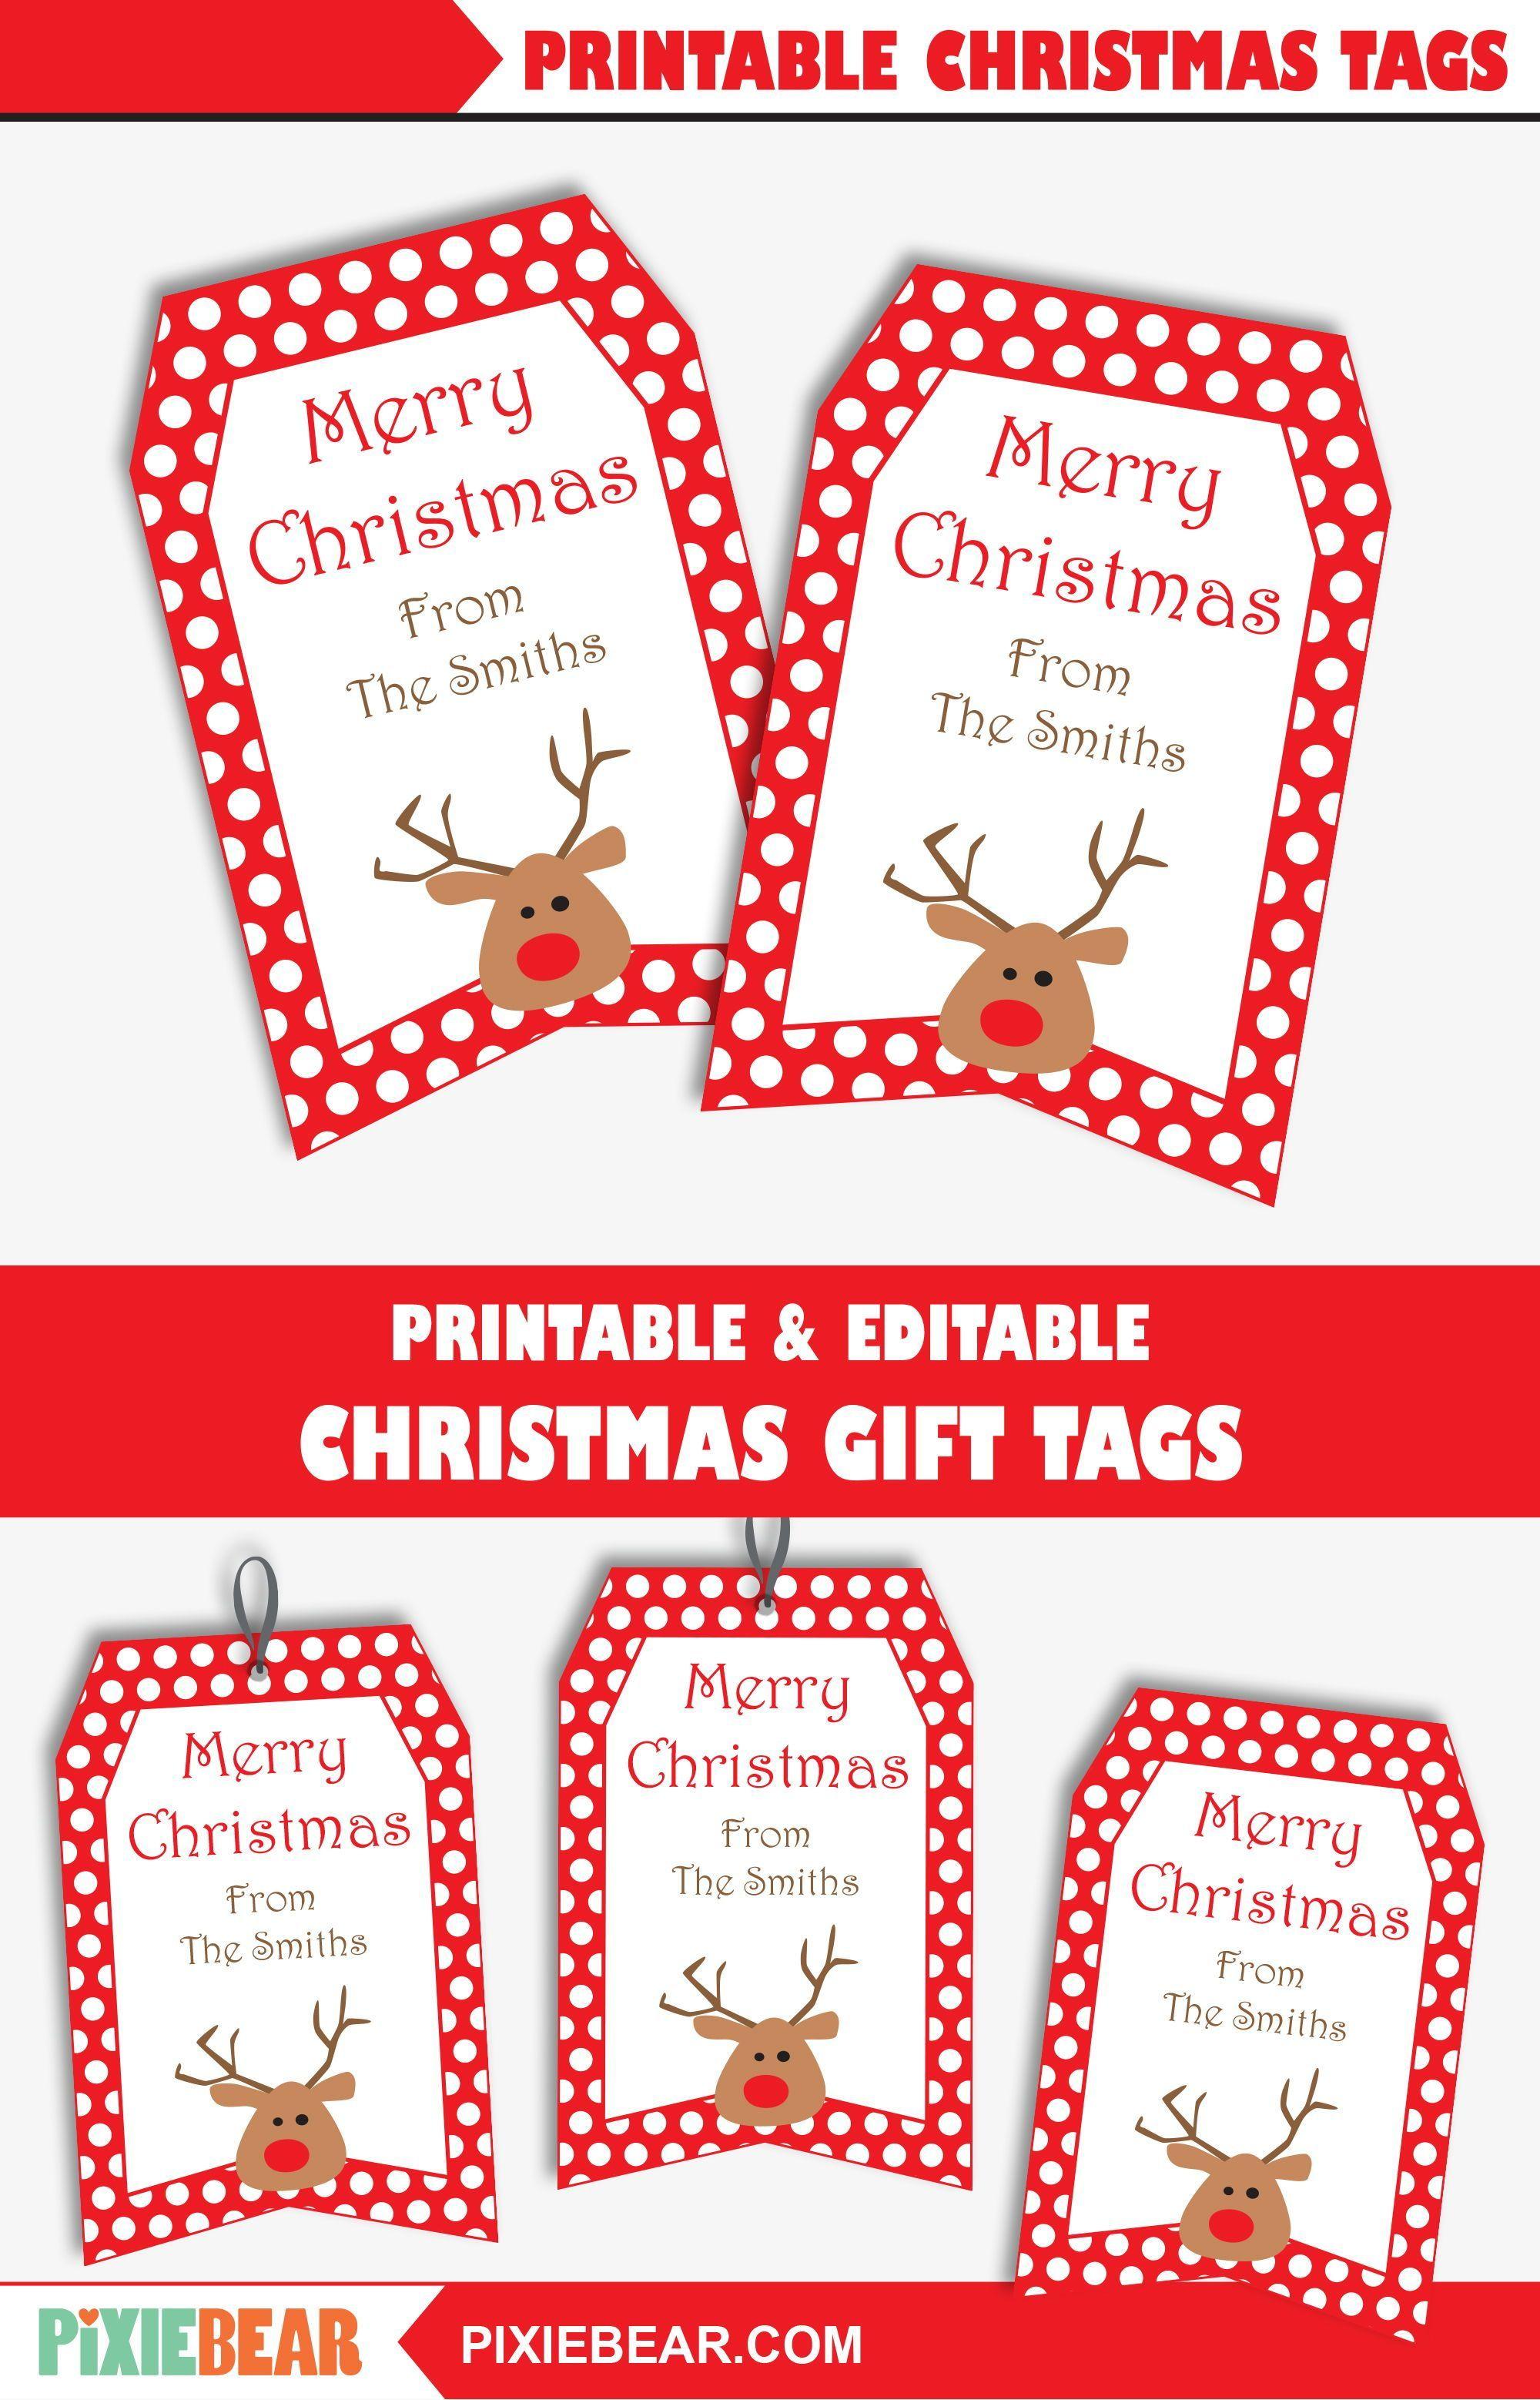 Printable Christmas Gift Tags For Kids Editable Christmas Etsy Christmas Tags Printable Personalized Christmas Labels Christmas Gift Tags Printable